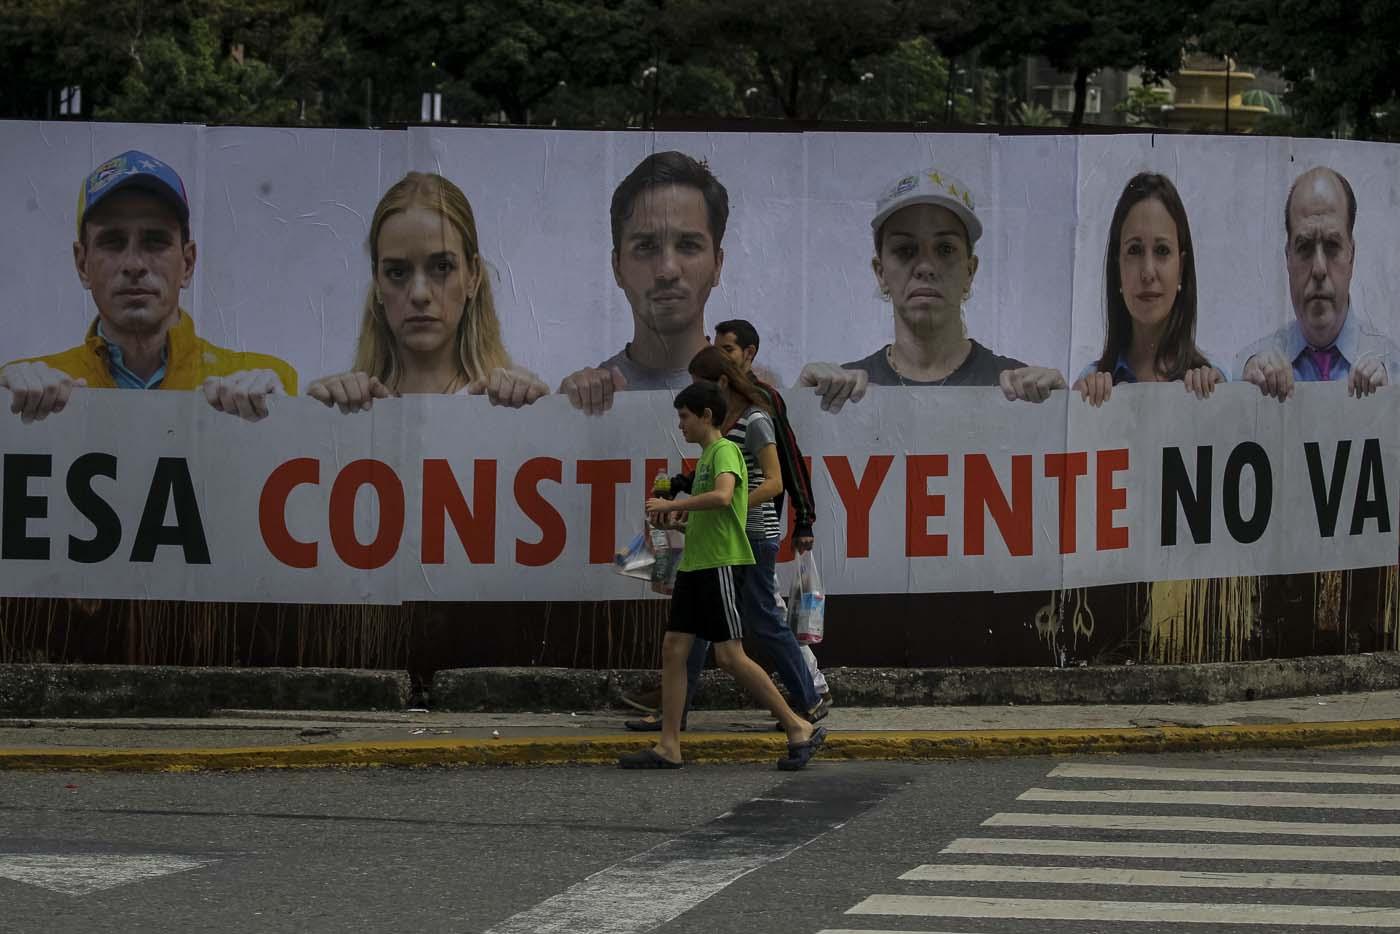 CAR13. CARACAS (VENEZUELA), 24/07/2017.- Transeúntes caminan frente a una valla en rechazo a la Asamblea Constituyente hoy, lunes 24 de julio de 2017, en un colegio electoral de Caracas (Venezuela). Venezuela inicia hoy la semana decisiva para la elección de la Asamblea Nacional Constituyente convocada por el presidente, Nicolás Maduro, con los oficialistas entrando en la recta final de su campaña en medio de protestas y llamados a paro de los opositores en rechazo a esos comicios. EFE/Miguel Gutiérrez